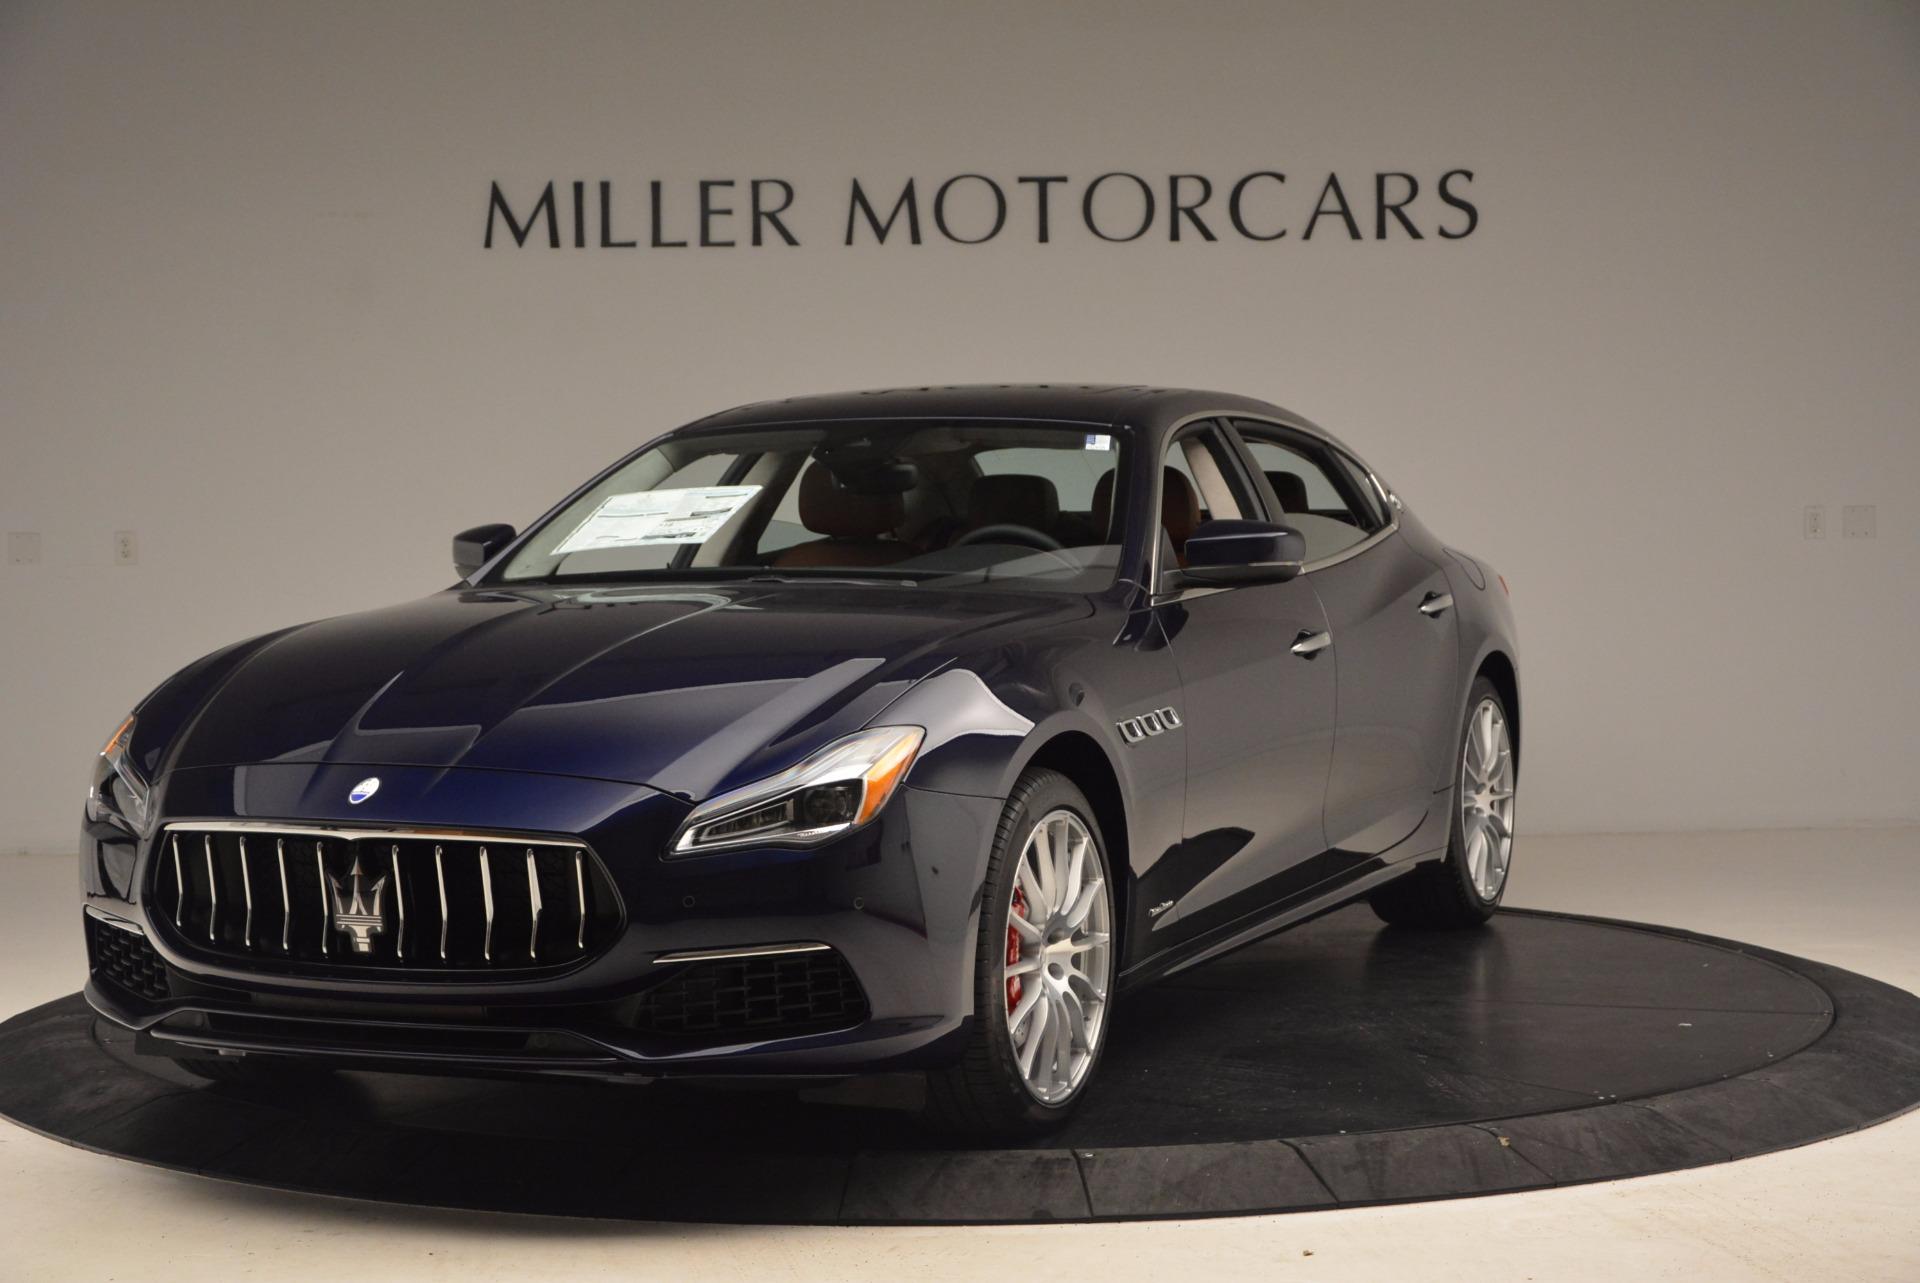 Used 2018 Maserati Quattroporte S Q4 GranLusso For Sale In Westport, CT 1572_main